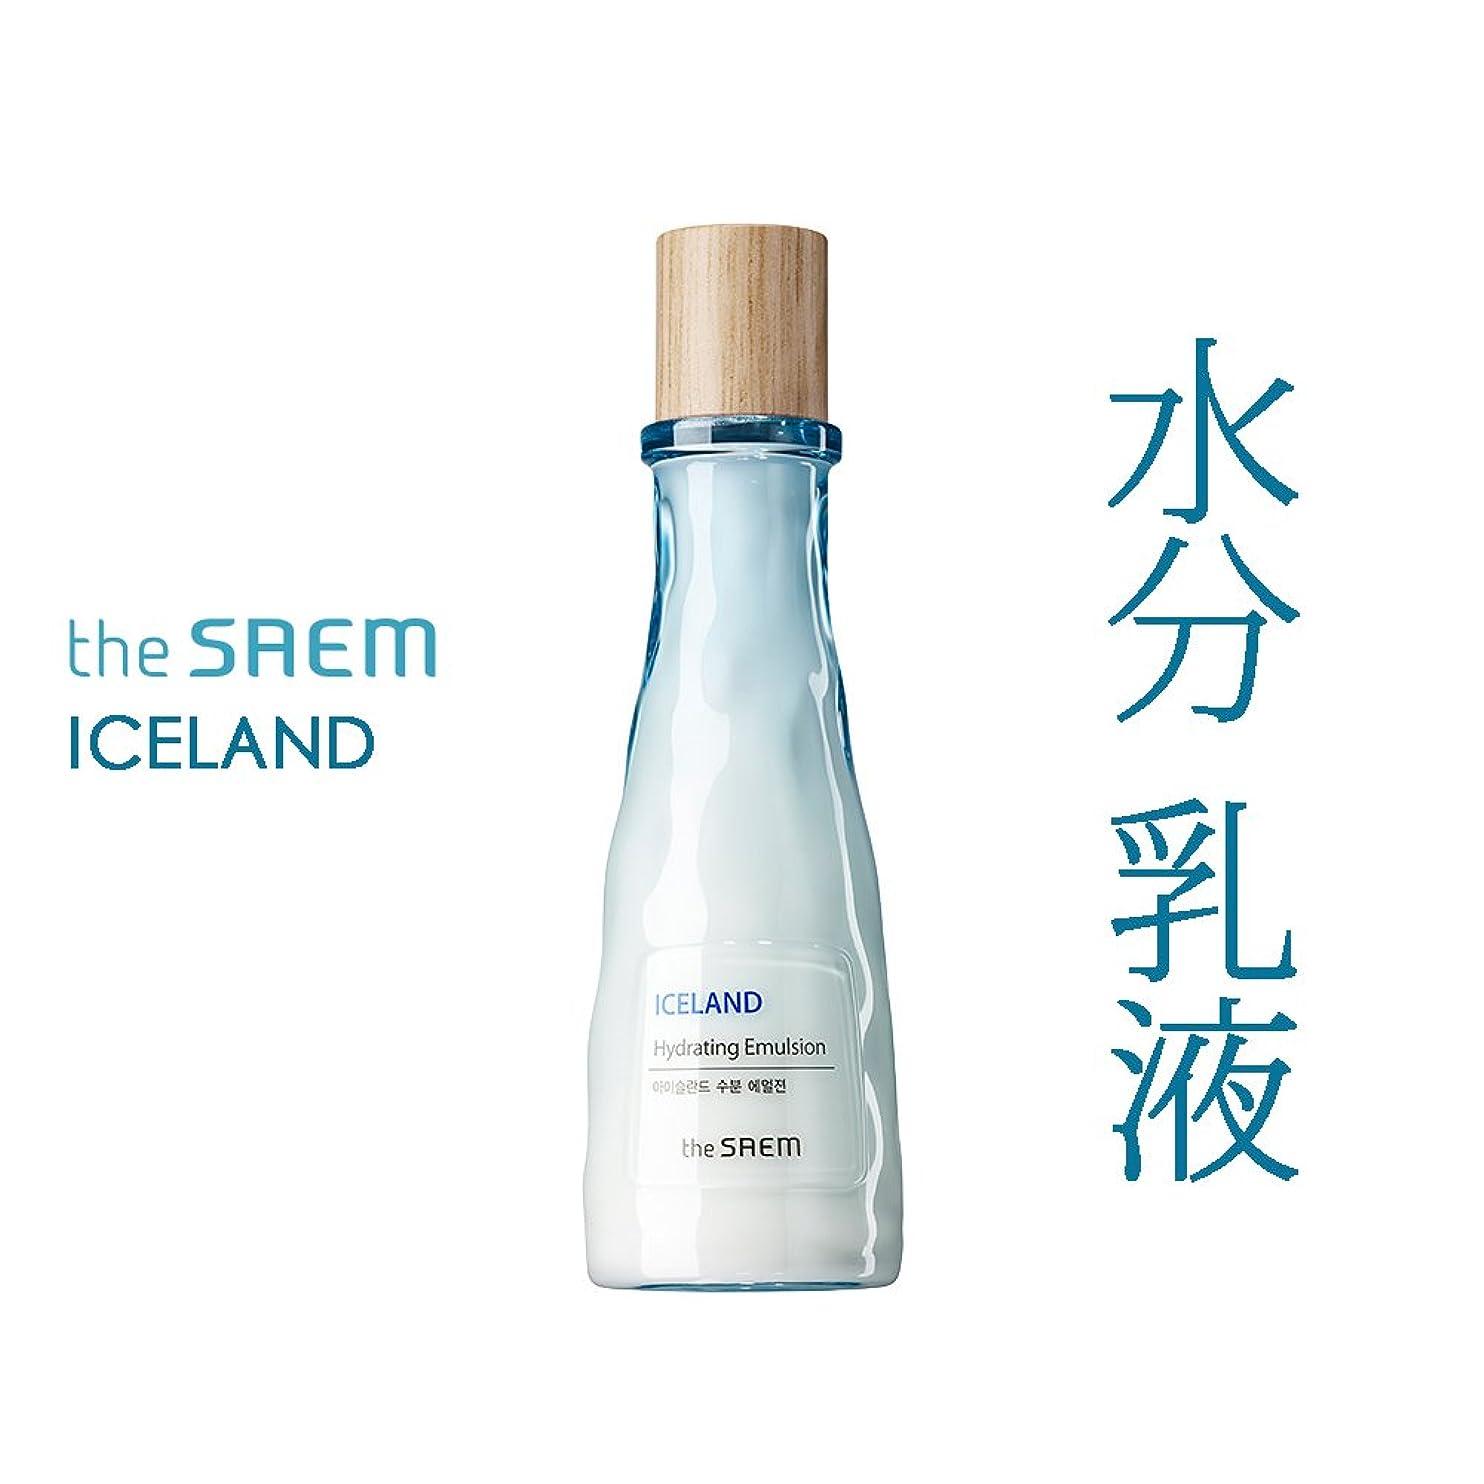 ウサギいっぱい同化するザ セム The saem アイスランド 水分 乳液 The Saem Iceland Hydrating E mulsion 140ml